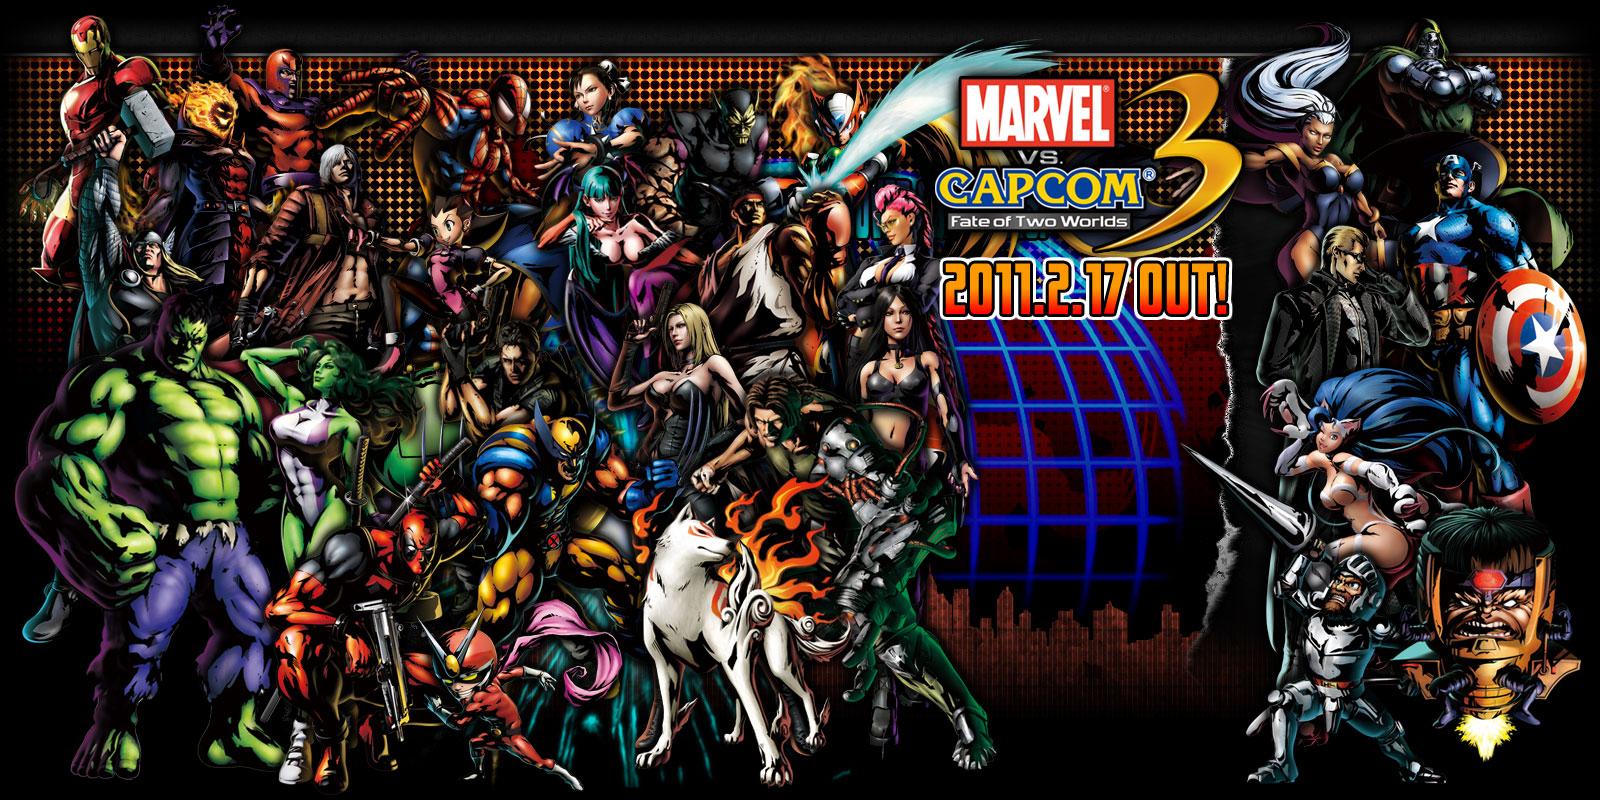 http://4.bp.blogspot.com/-DIQ-lT_FgBI/TjEifat_cAI/AAAAAAAAAXc/OdNf-nz3M5U/s1600/Marvel_Vs_Capcom_3_wallpaper_2.jpg